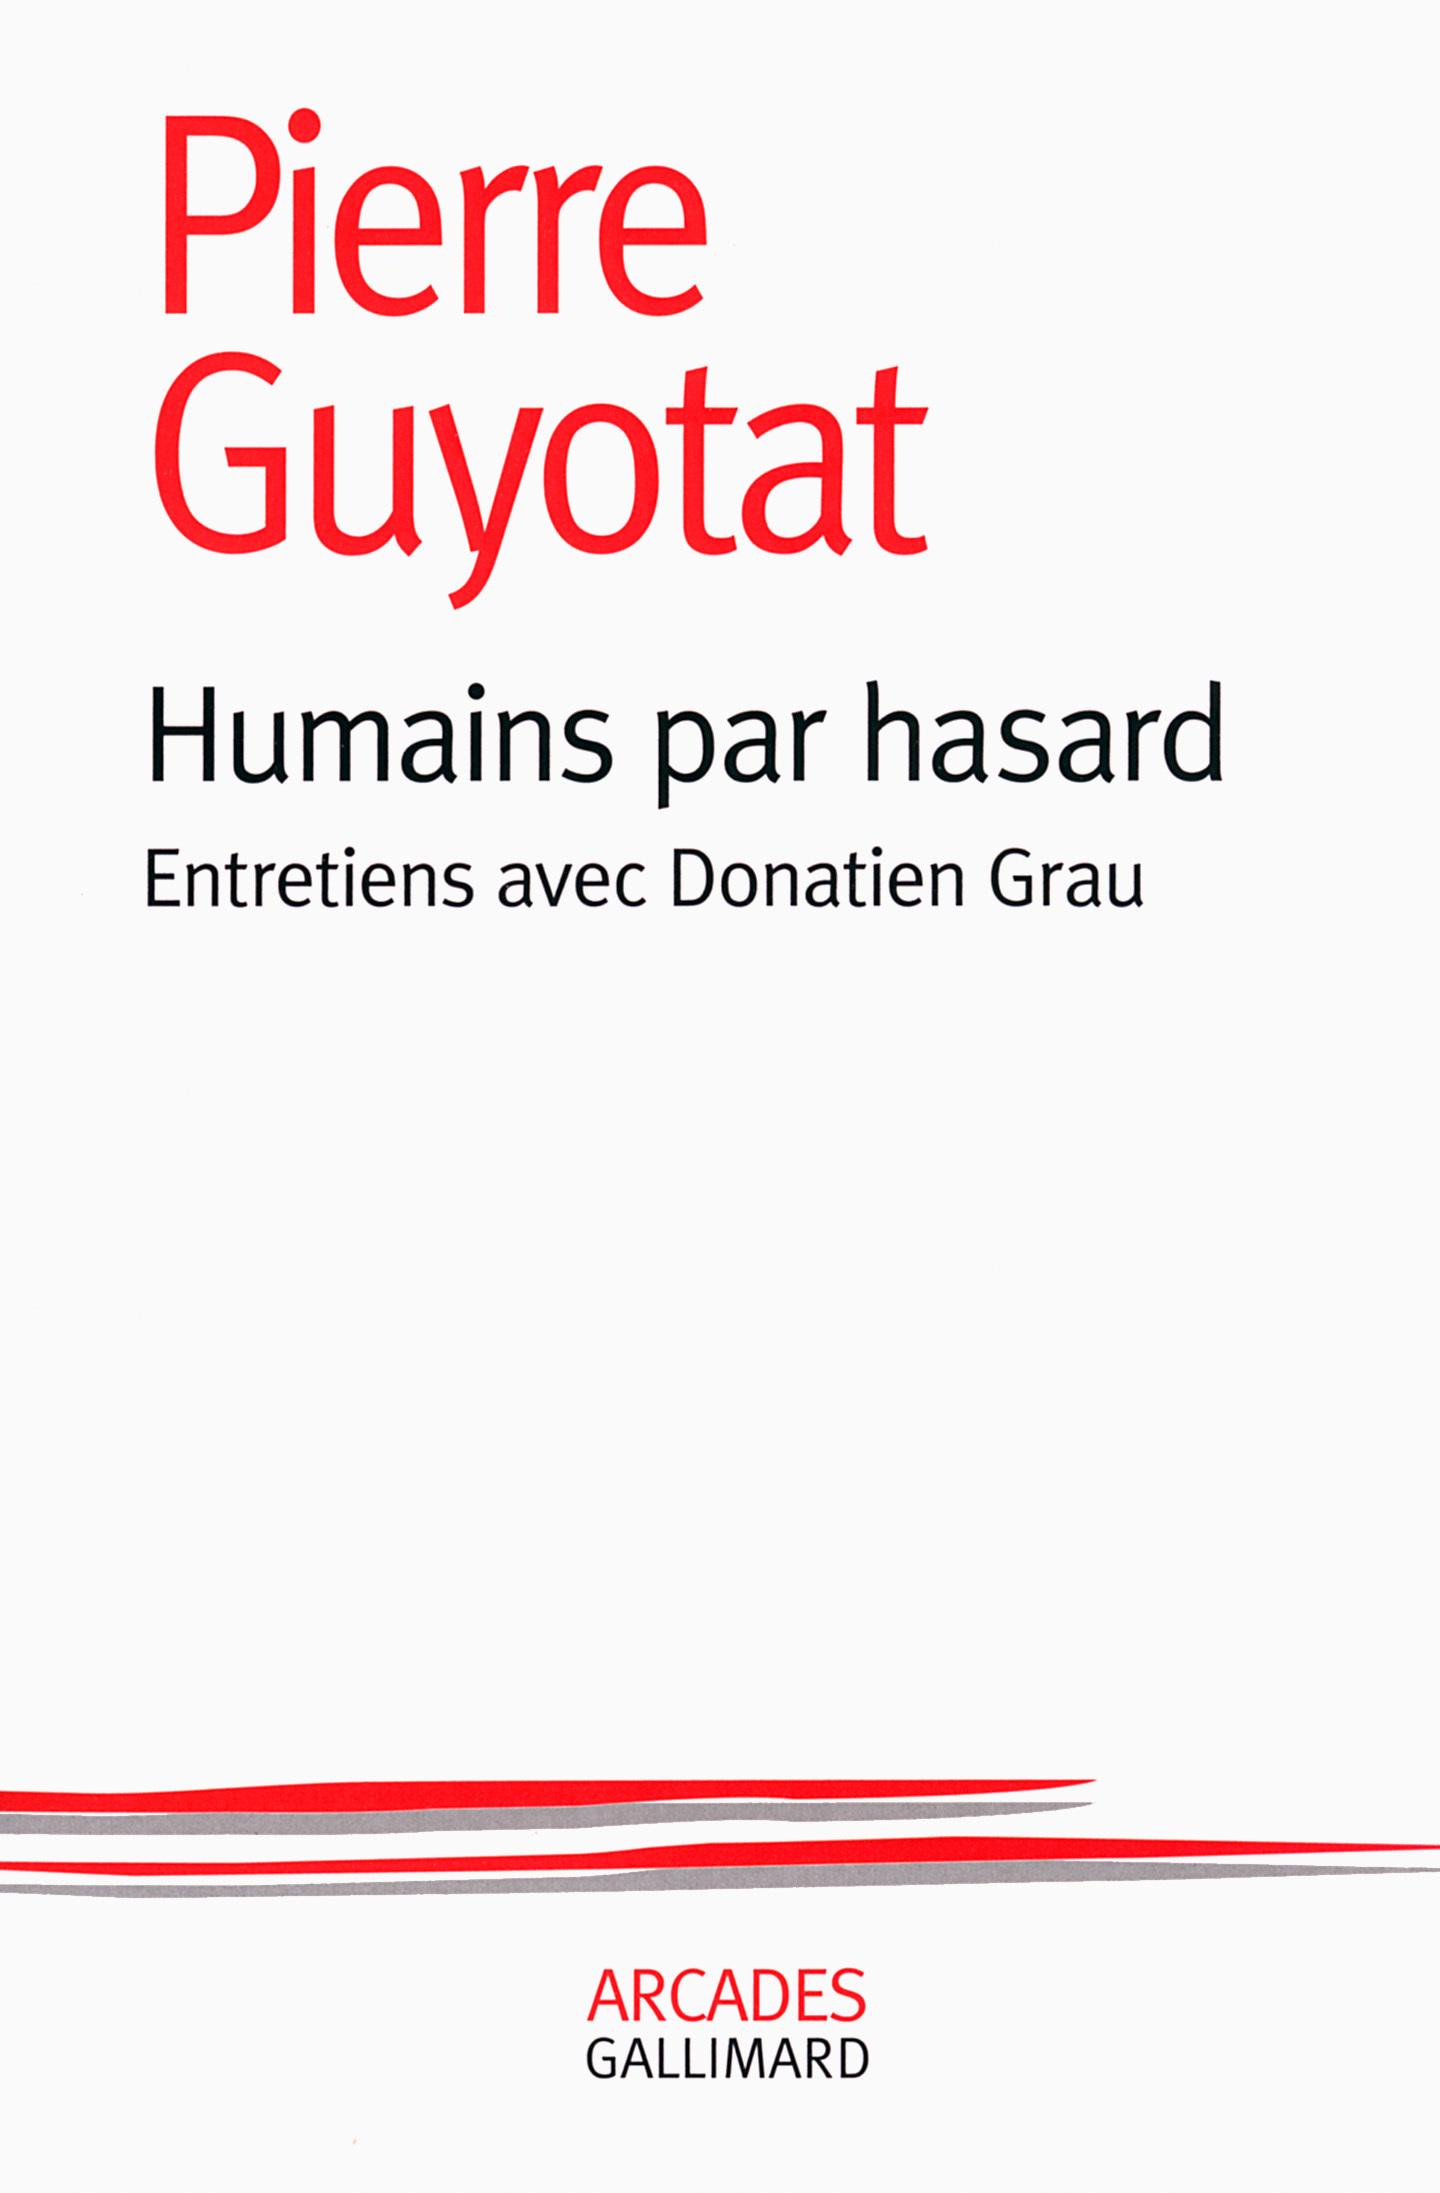 HUMAINS PAR HASARD